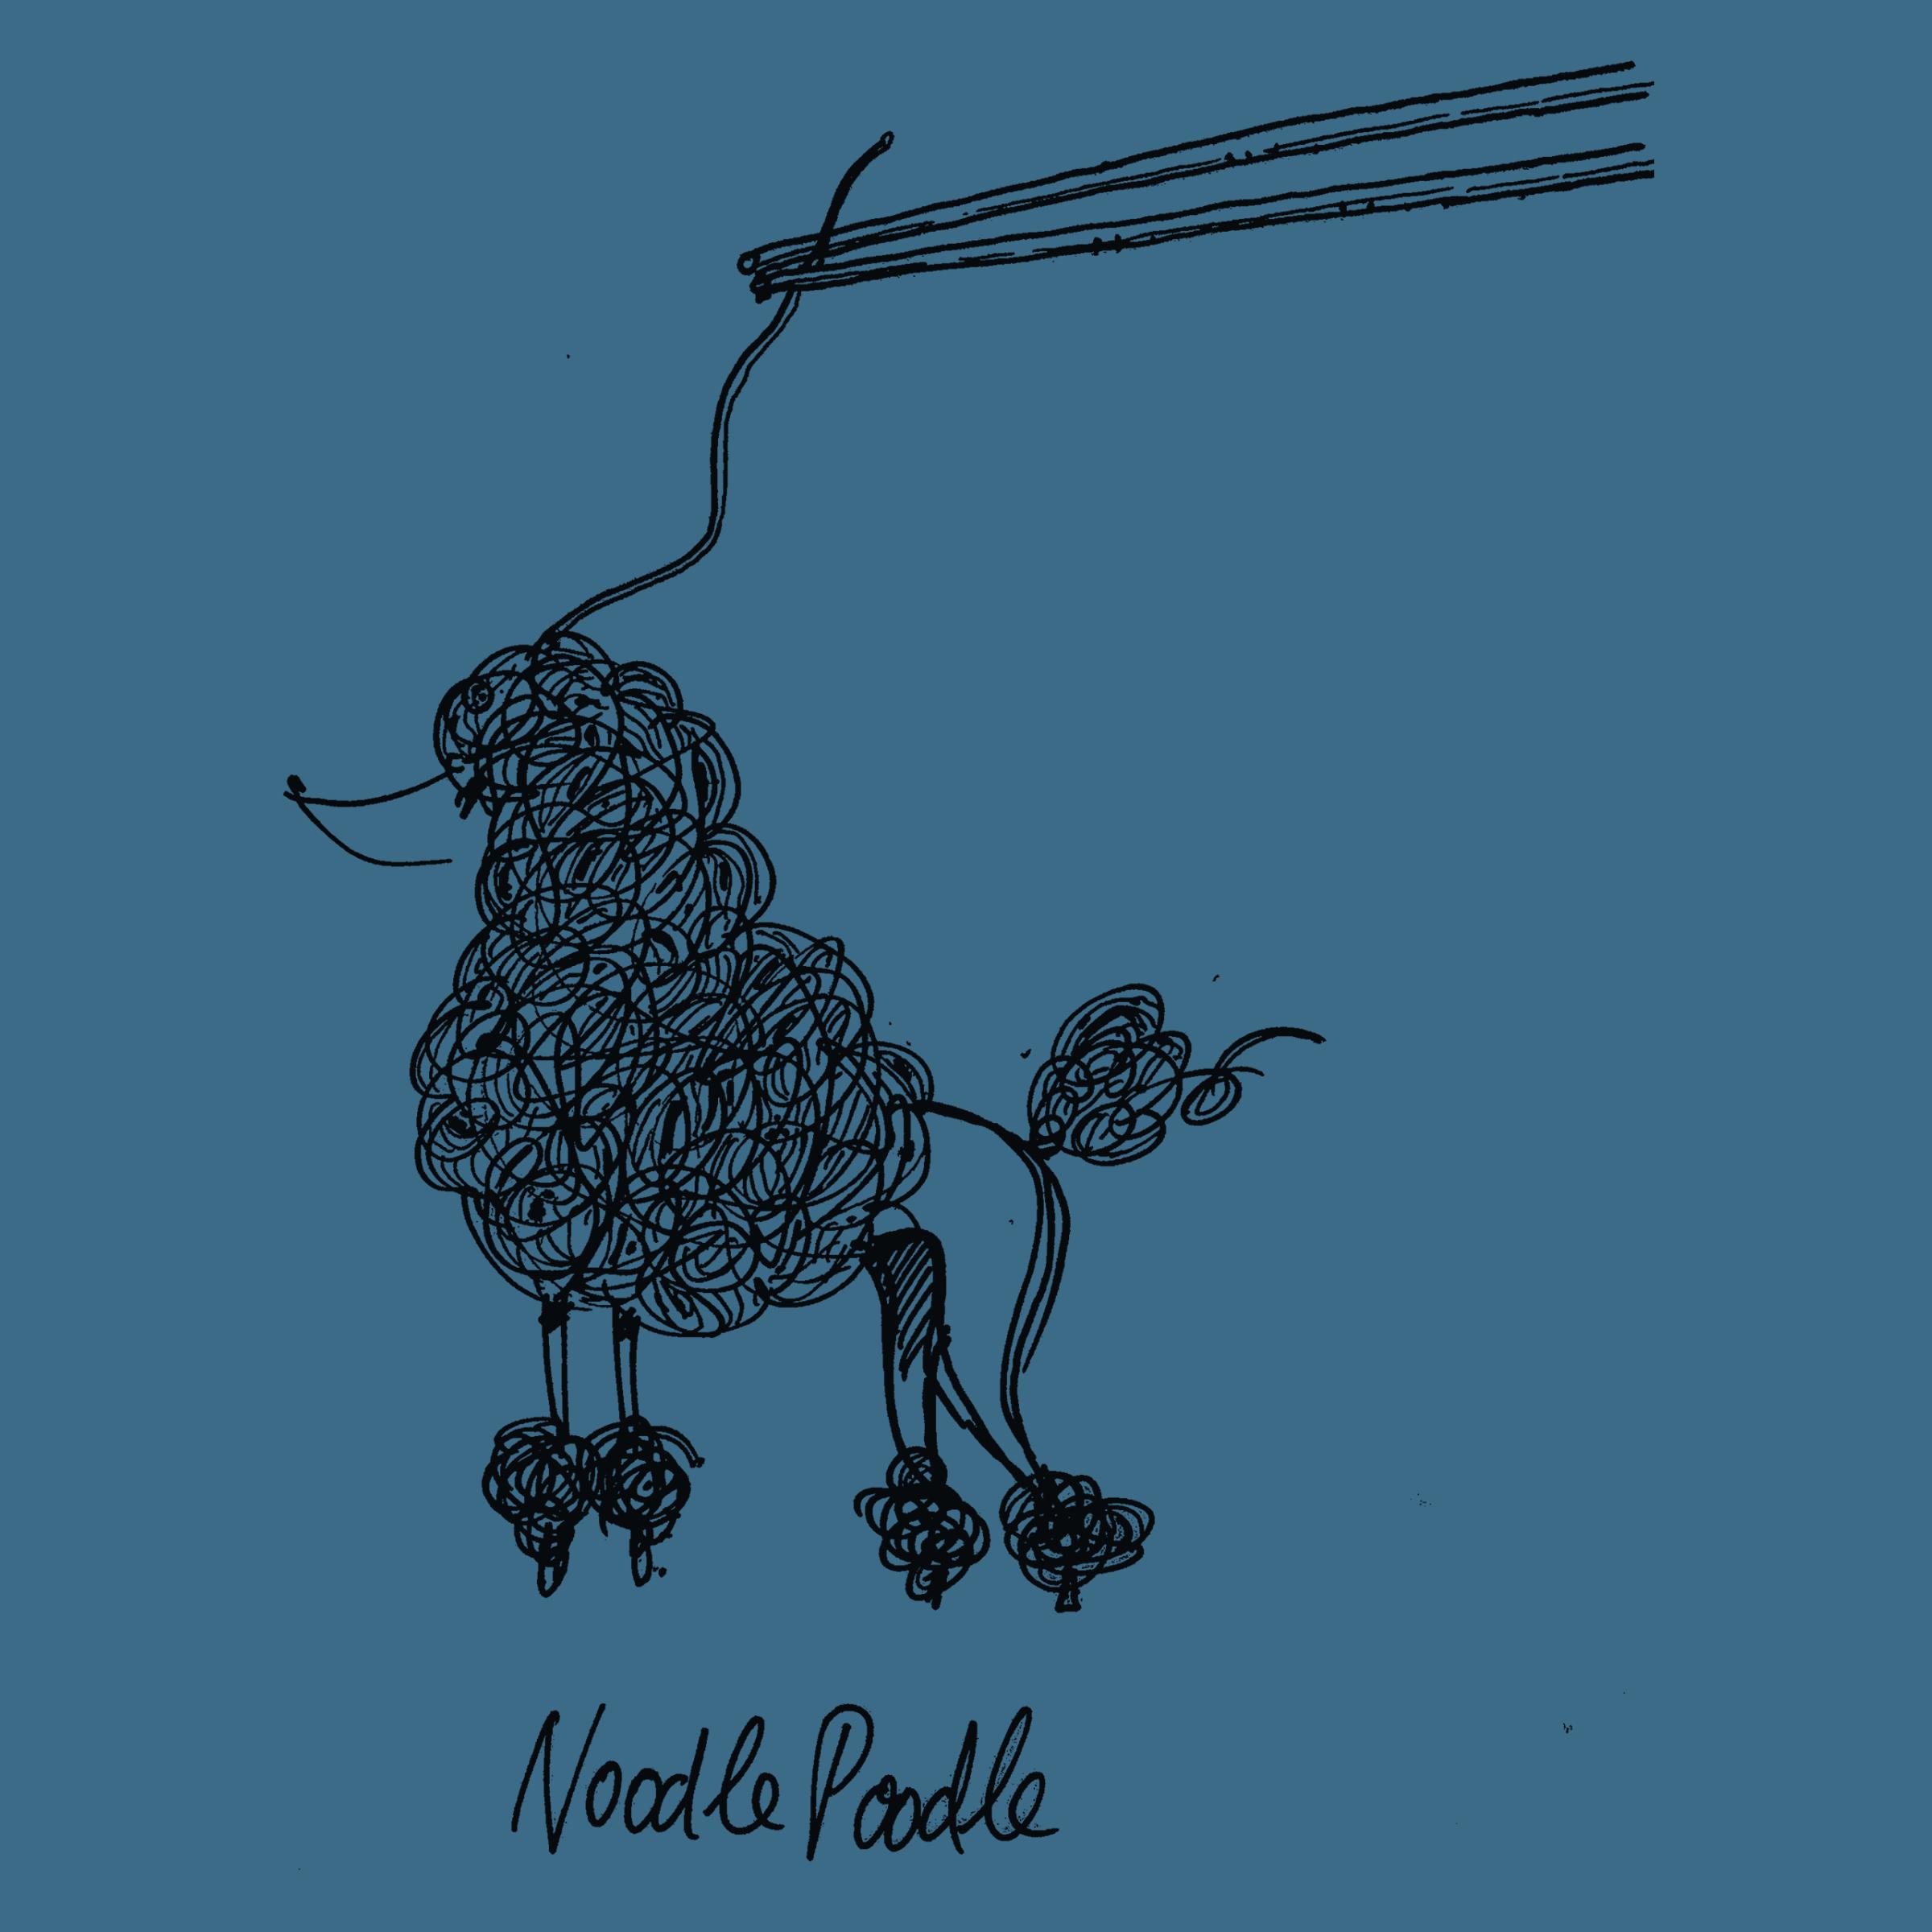 Noodle Poodle Detail